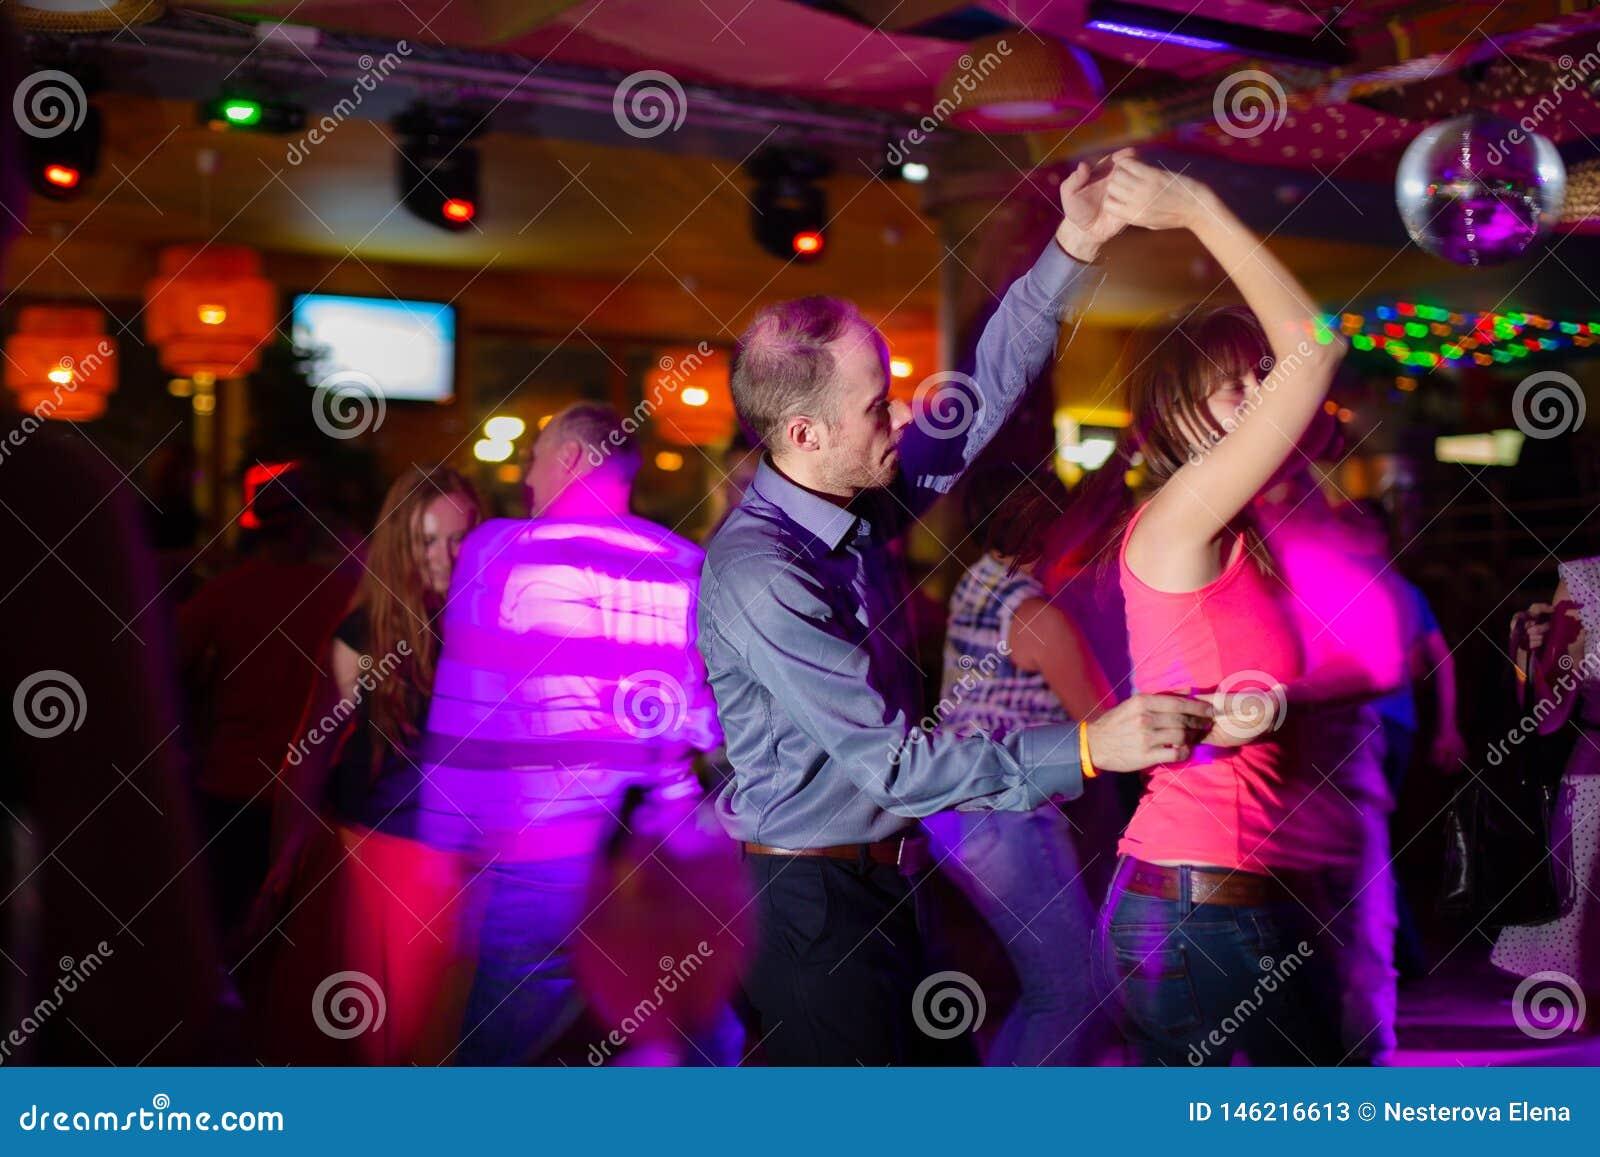 MOSCA, FEDERAZIONE RUSSA - 13 OTTOBRE 2018: Una coppia di mezza et?, un uomo e una donna, salsa di ballo in una folla di peopl ba